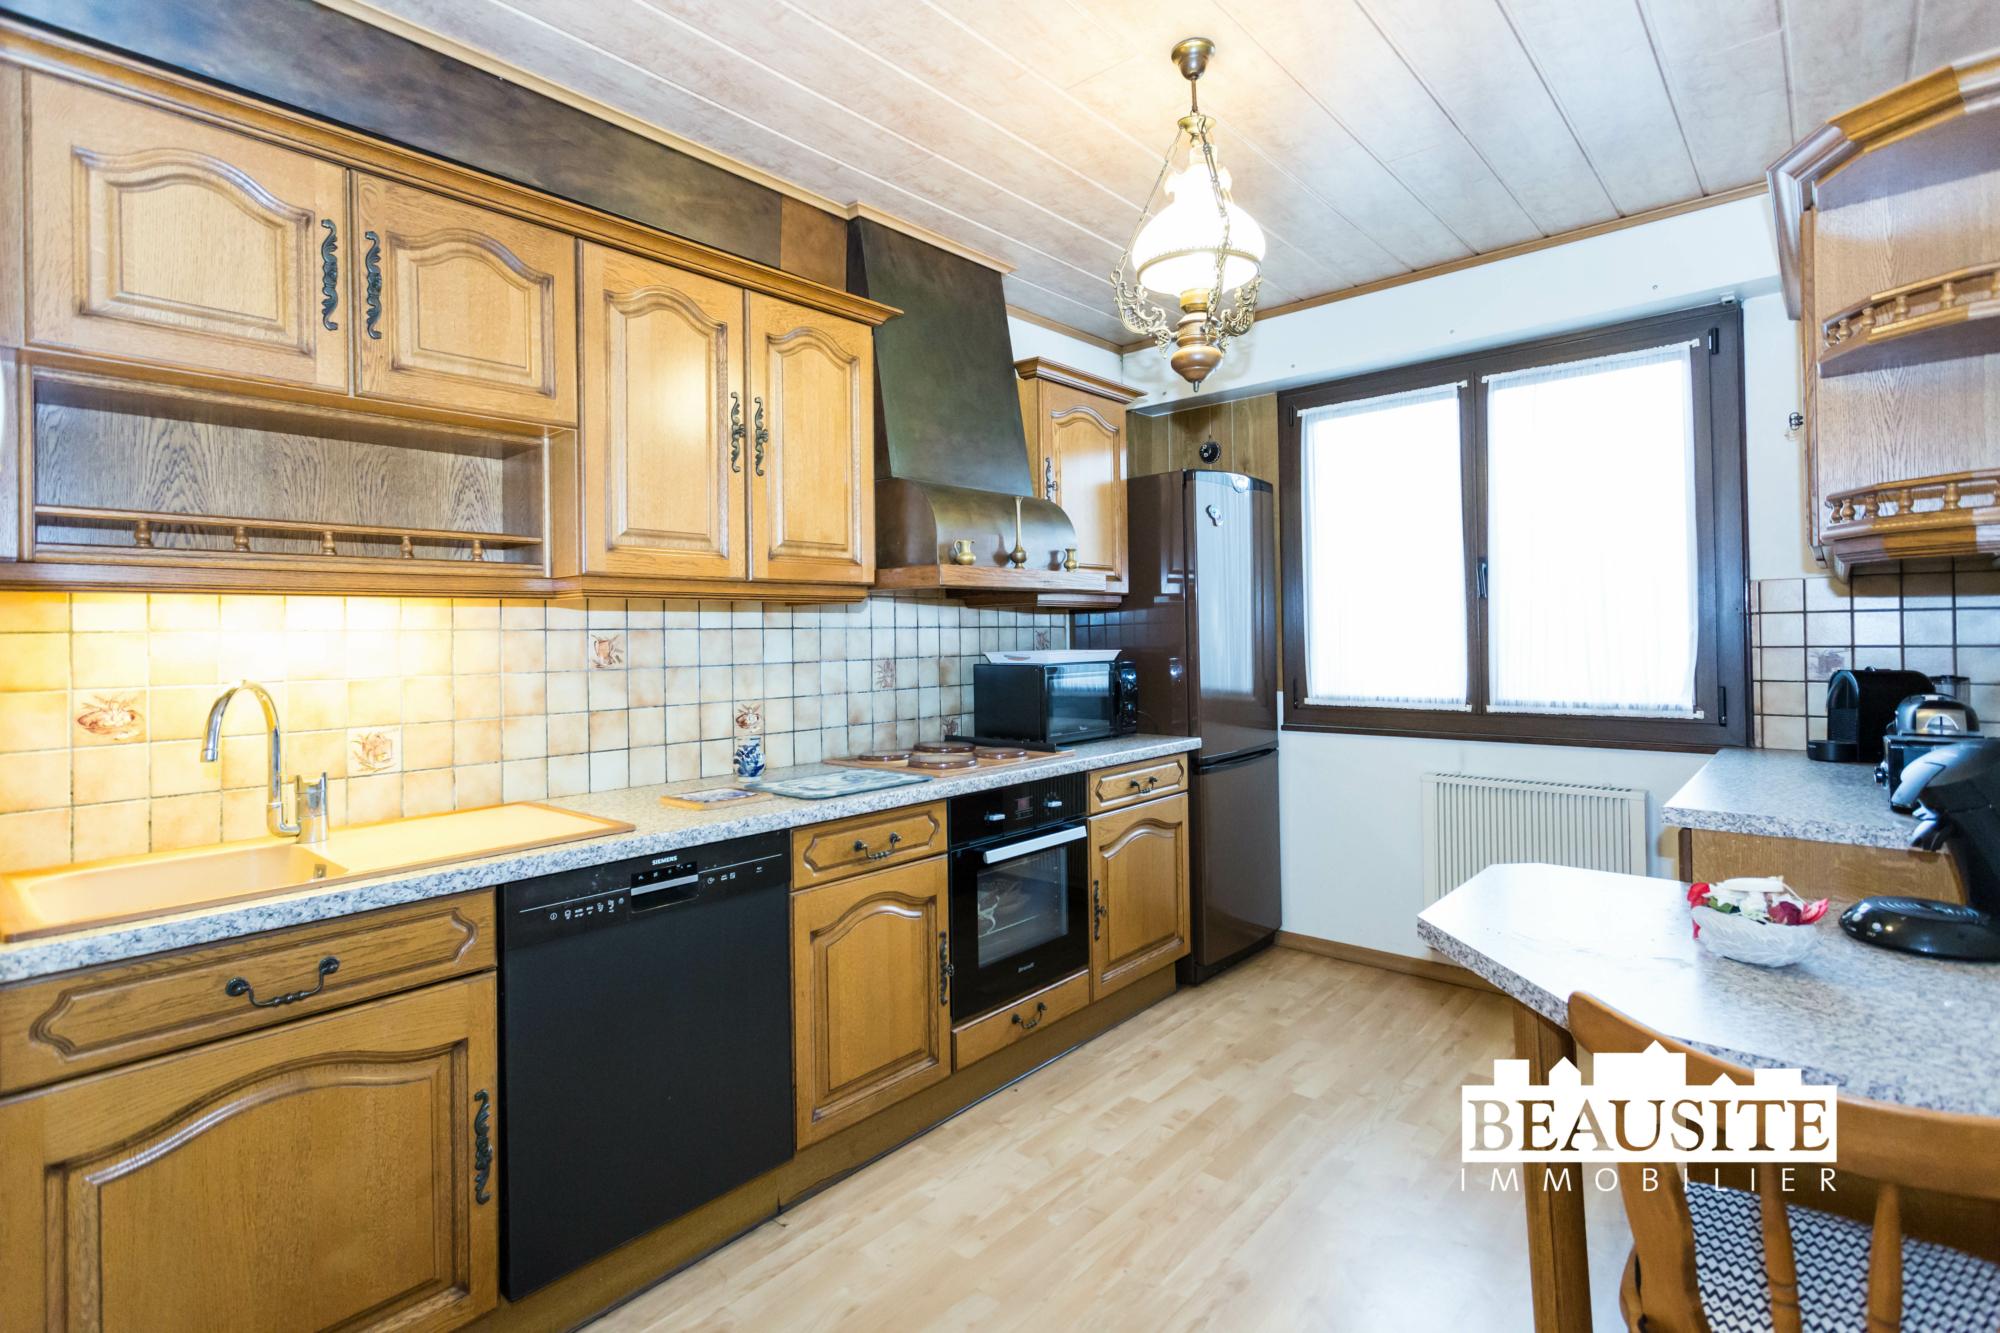 [Tonton] Un appartement familial avec balcon et garage - Neudorf / rue Saint-Amarin - nos ventes - Beausite Immobilier 11